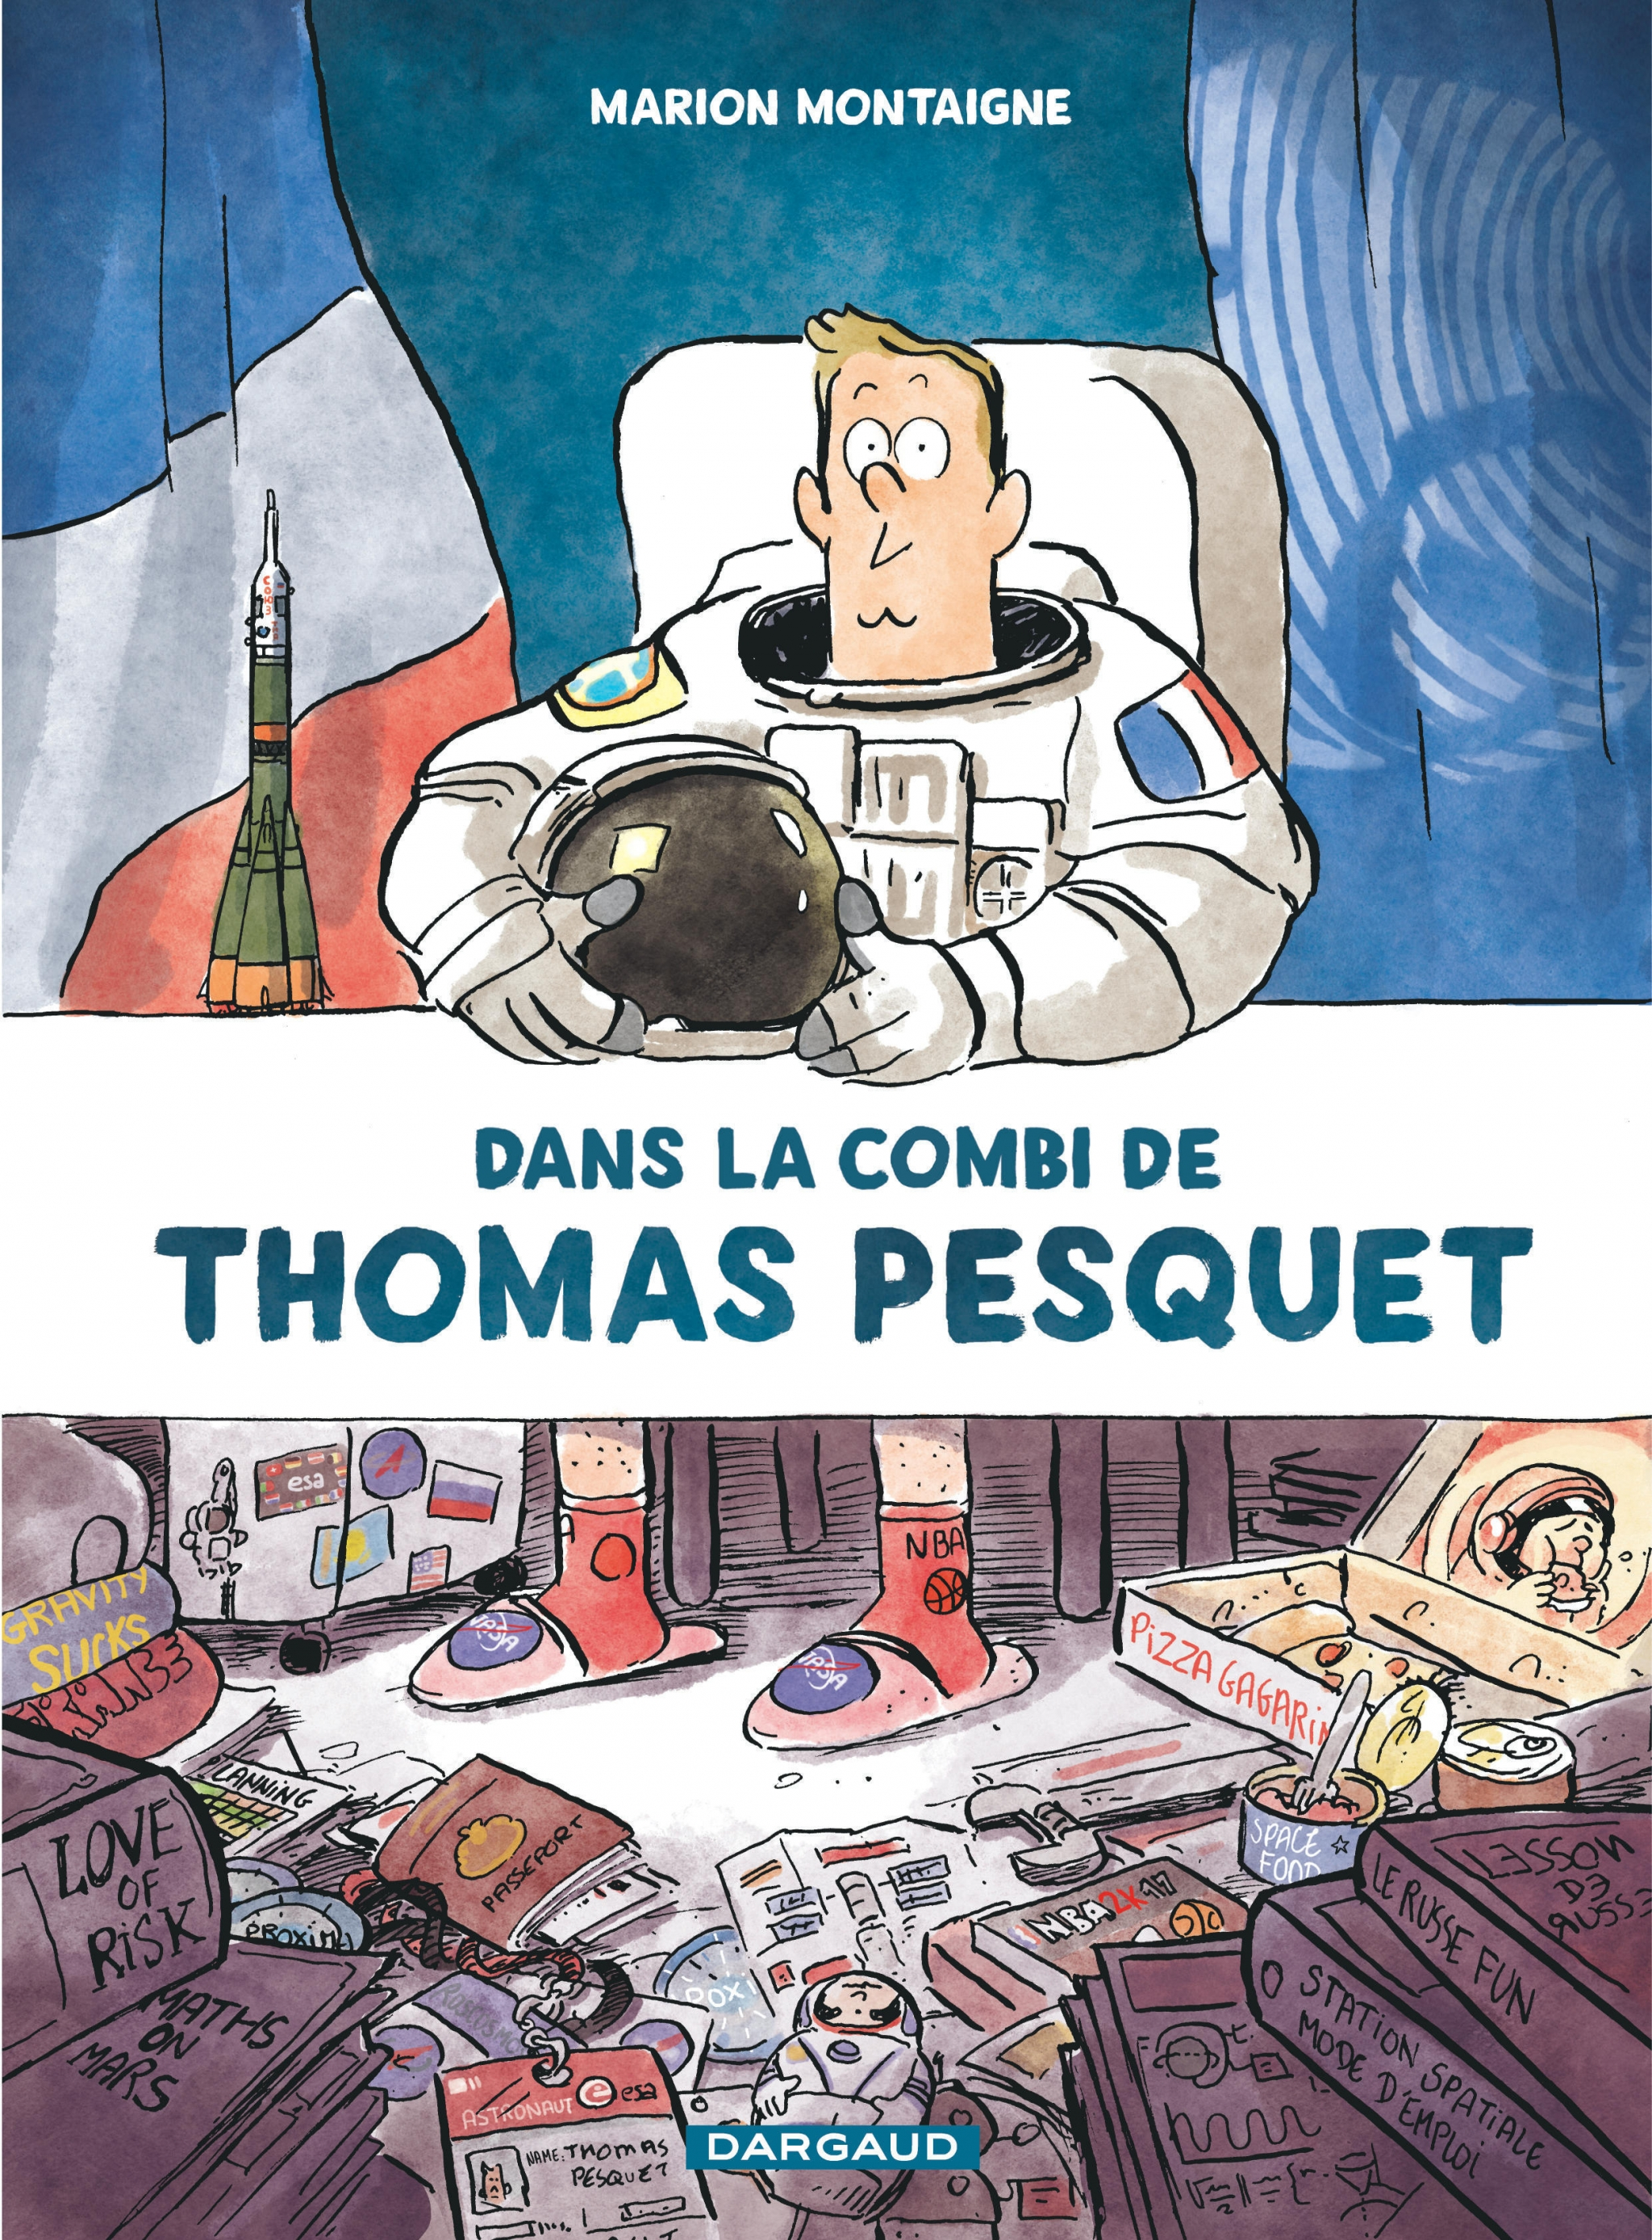 dans la combi de thomas pesquet,marion montaigne,astronaute,france,thomas pesquet,espace,bd,dargaud,exploration,aventure,spatiale